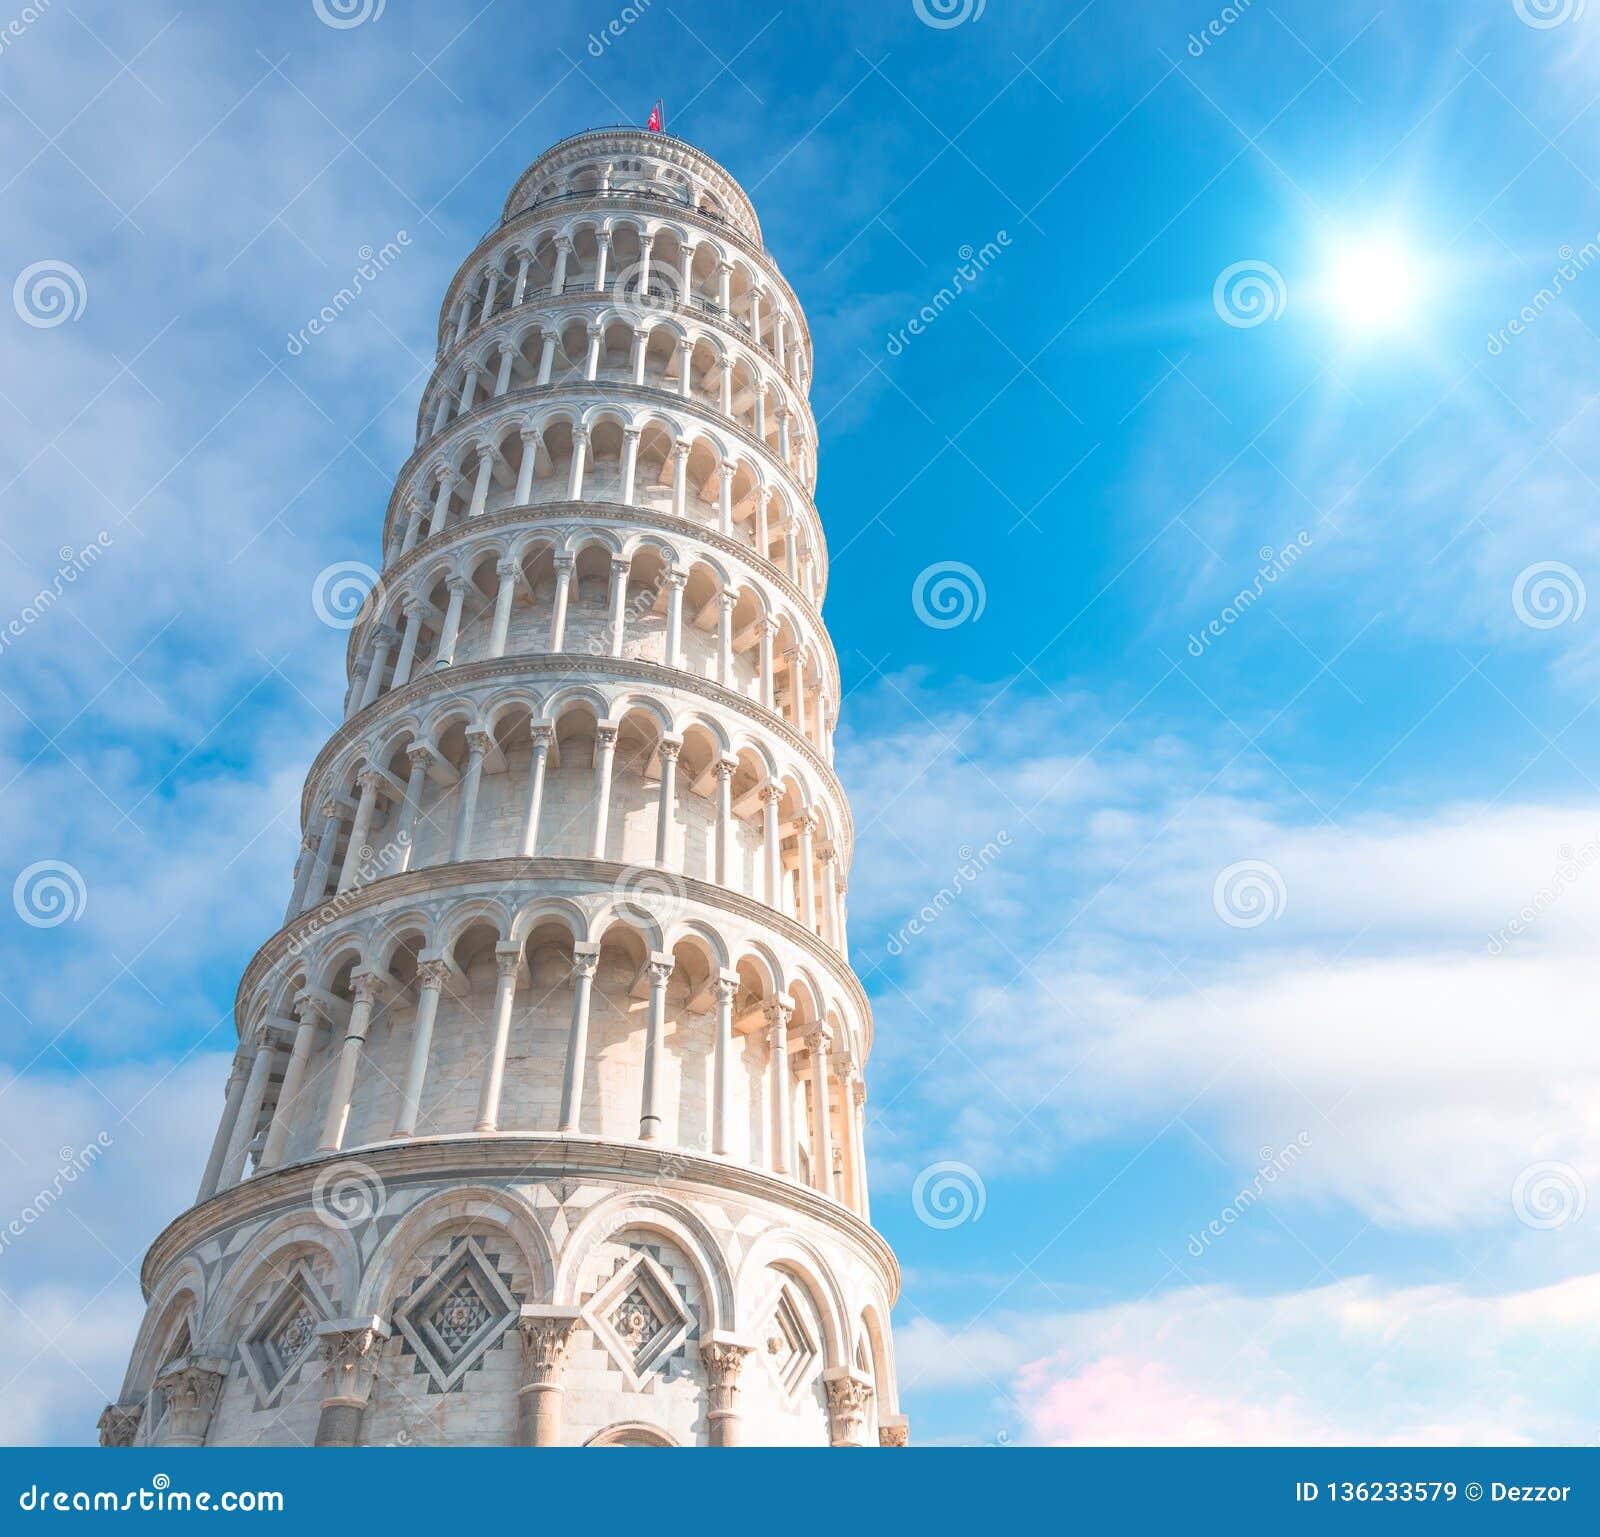 La tour penchée de Pise, Italie, dans la perspective d un beau ciel de jour et du soleil lumineux